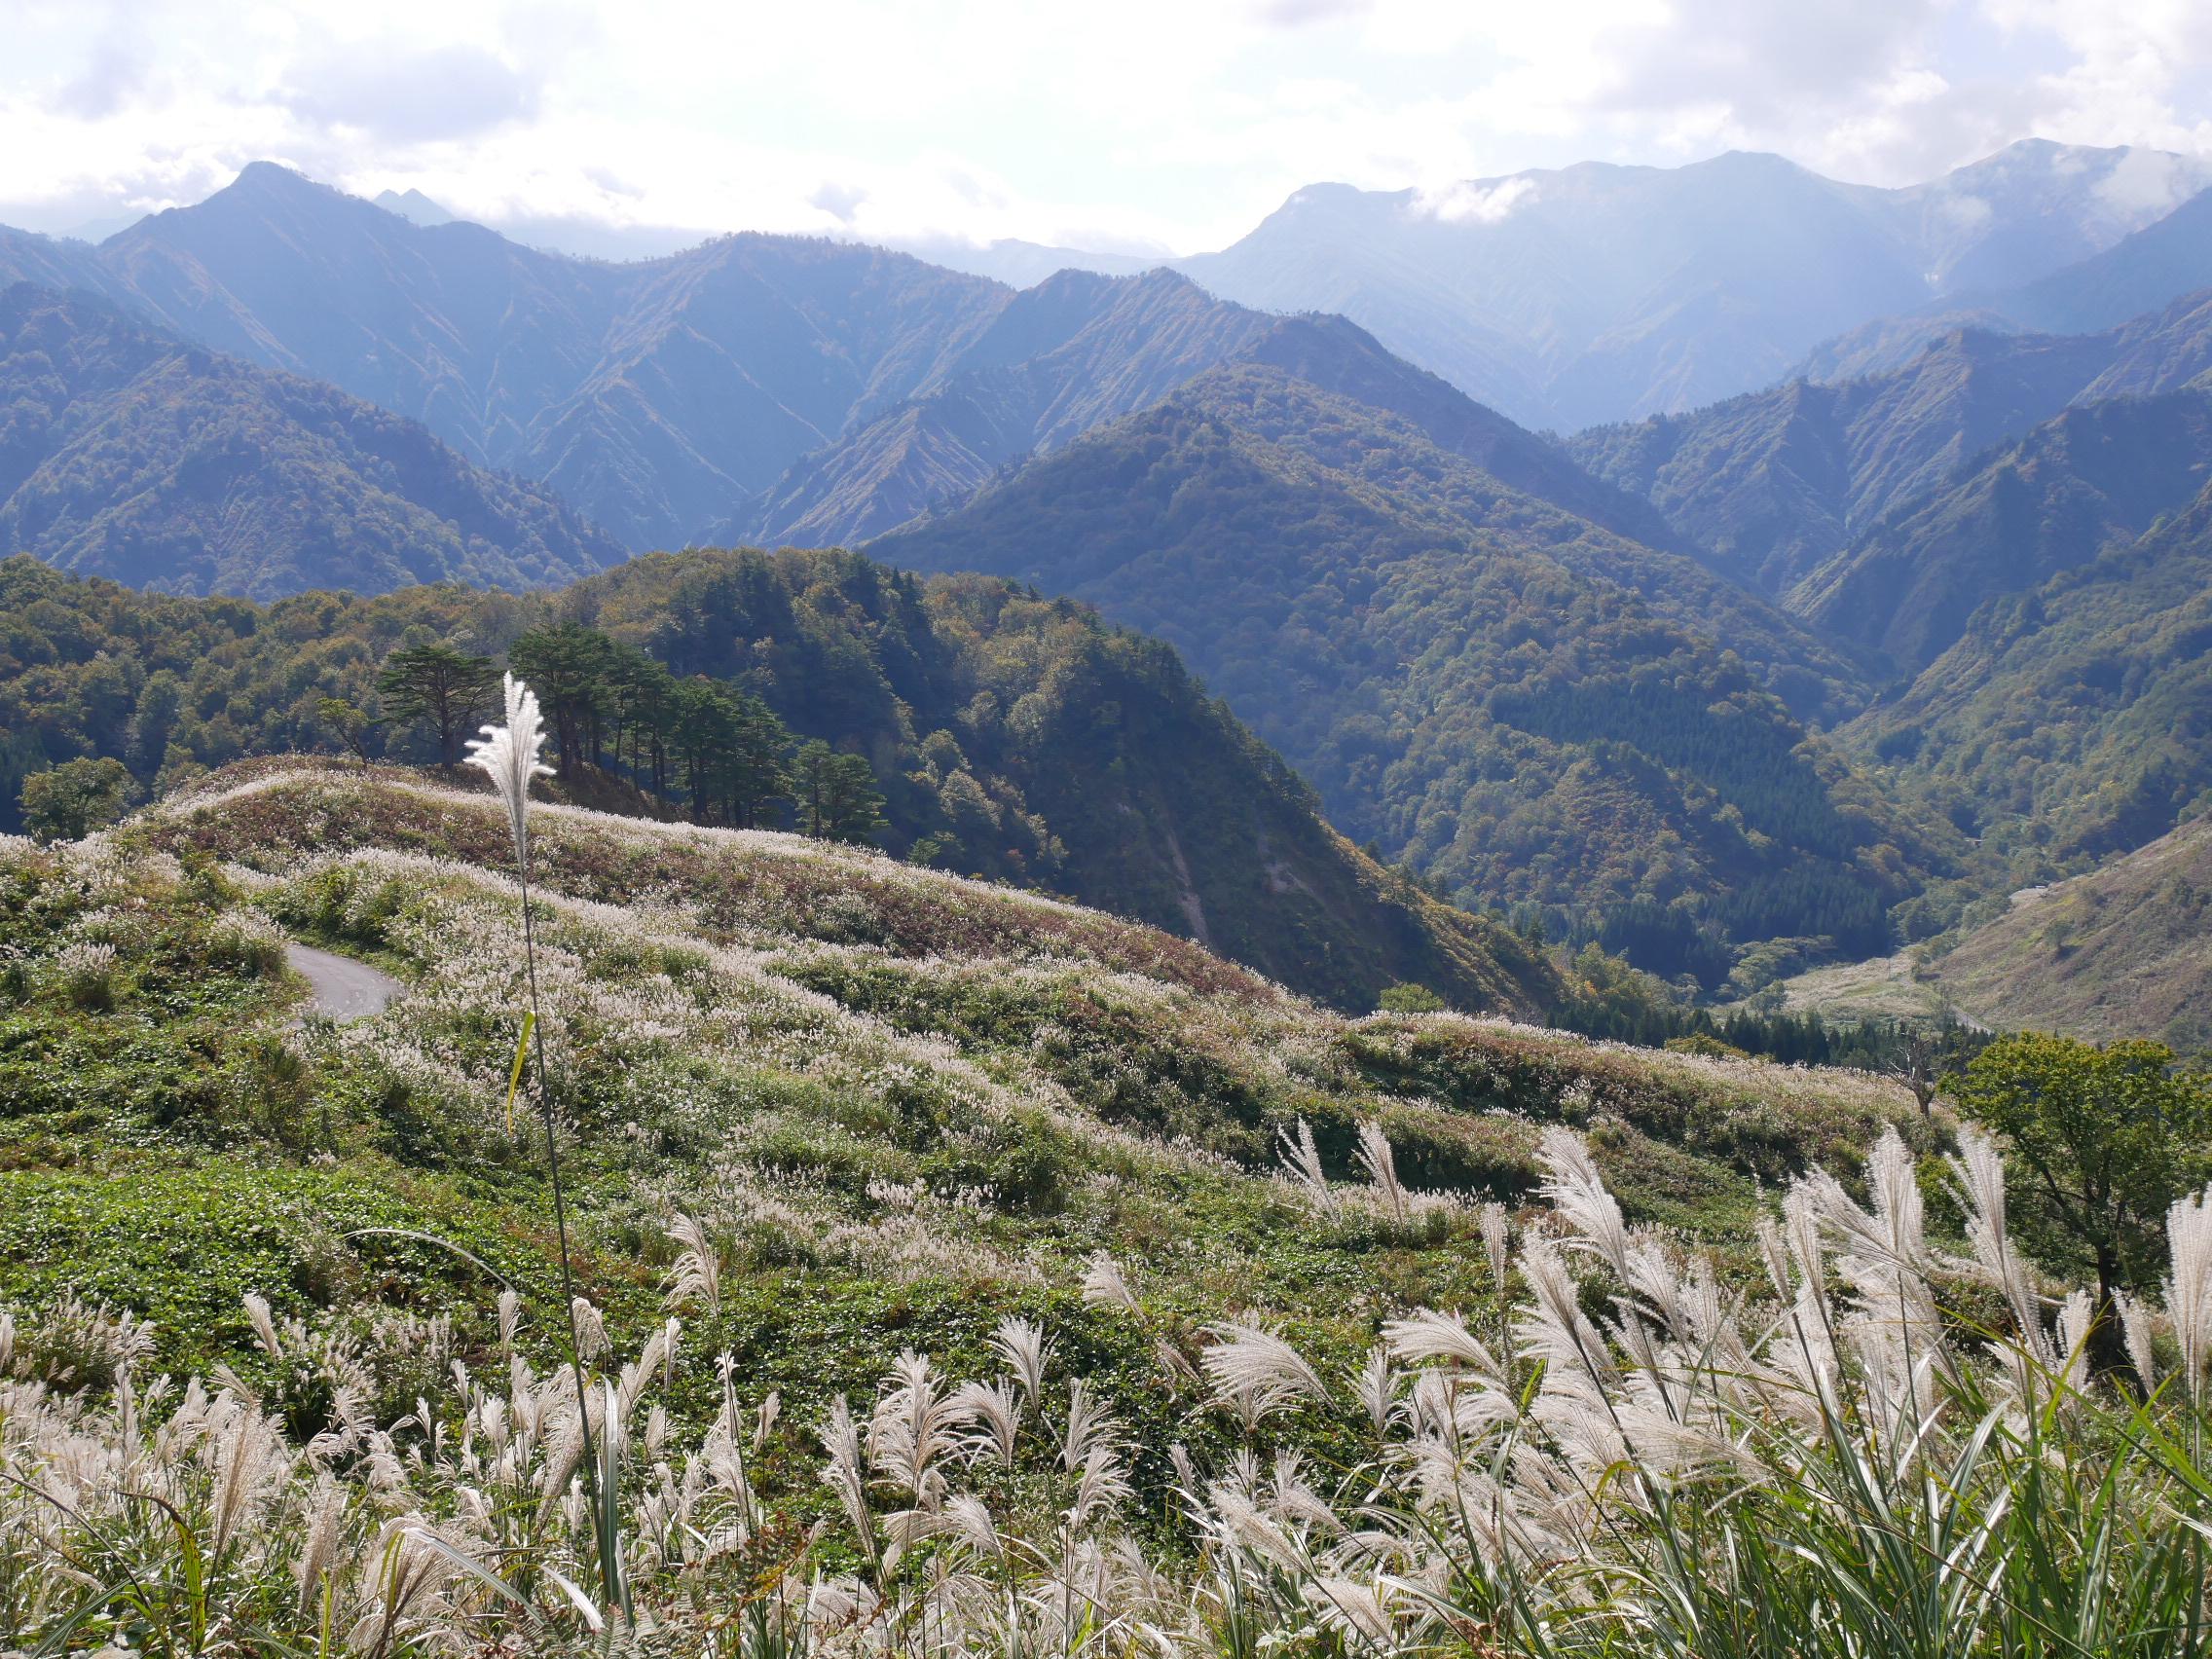 山々を眺めると気分もスッキリします